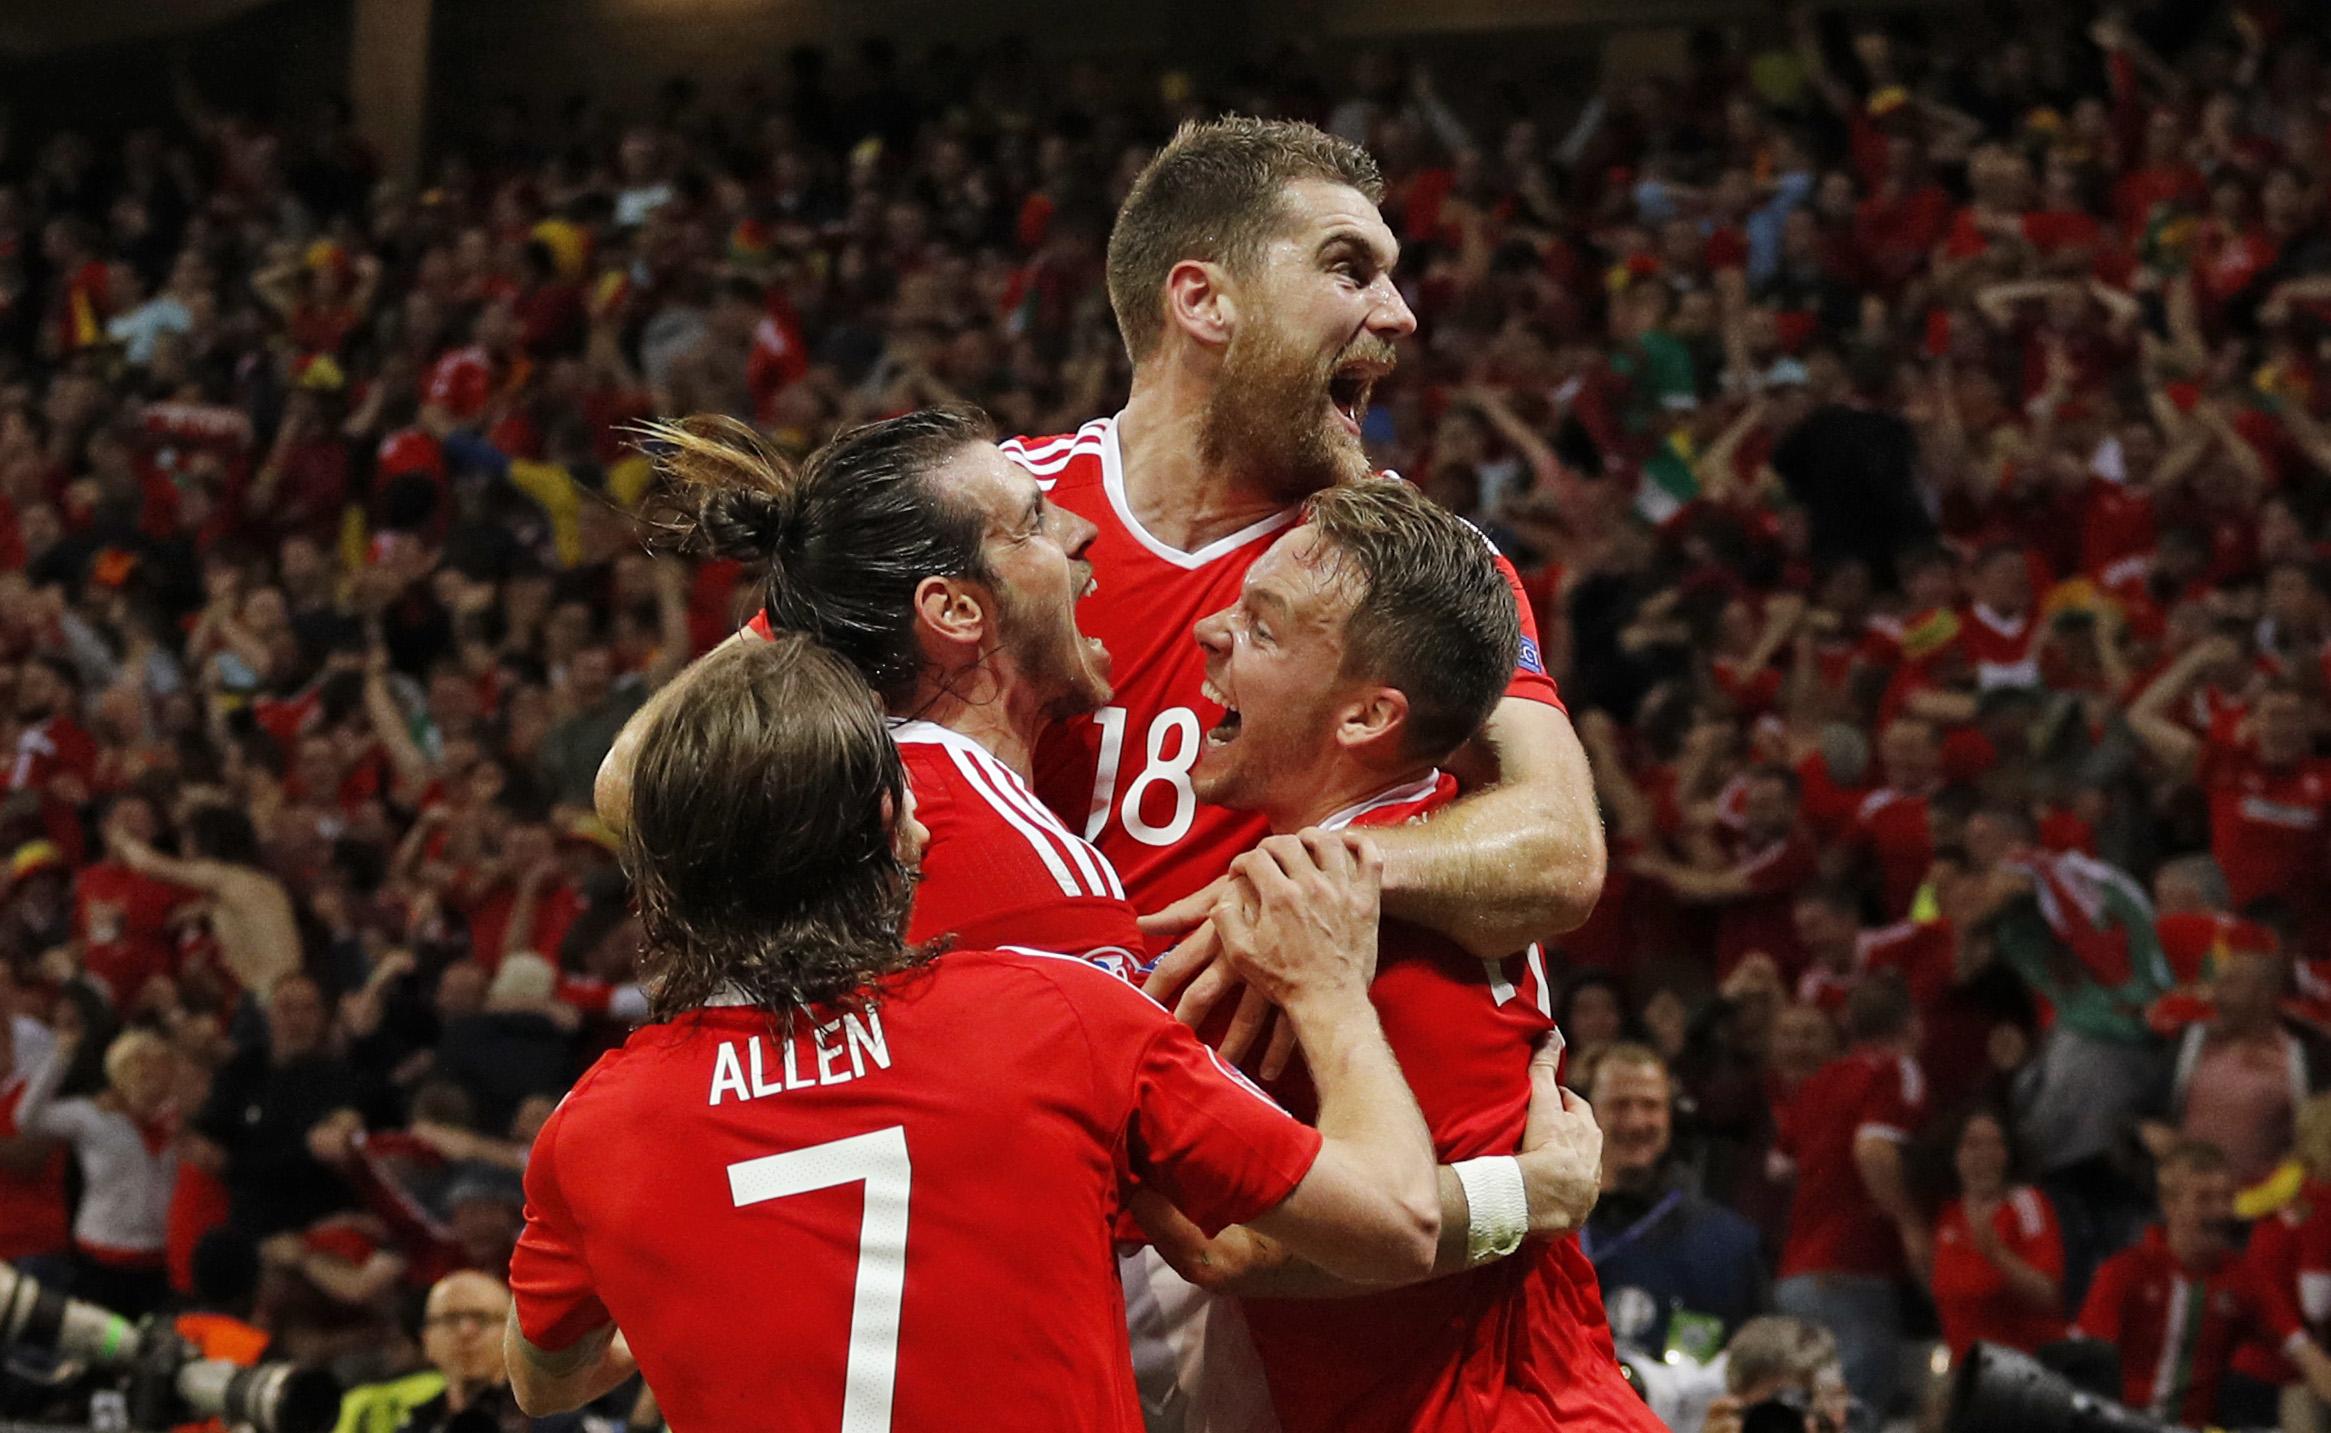 ويلز تفجر مفاجأة بفوزها على بلجيكا لتتأهل للدور قبل النهائي باليورو